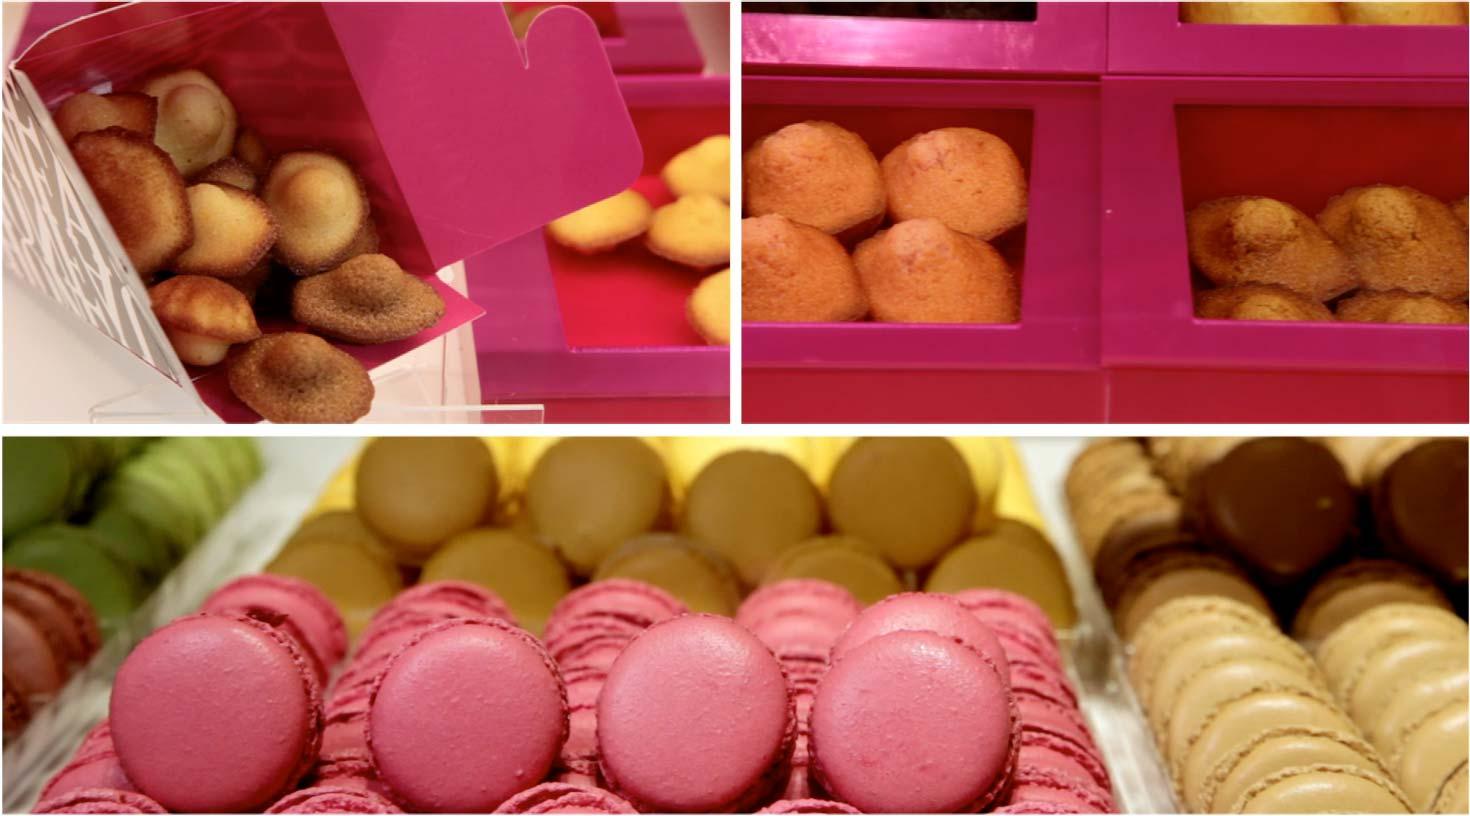 kiosques fauchon madeleines 2015